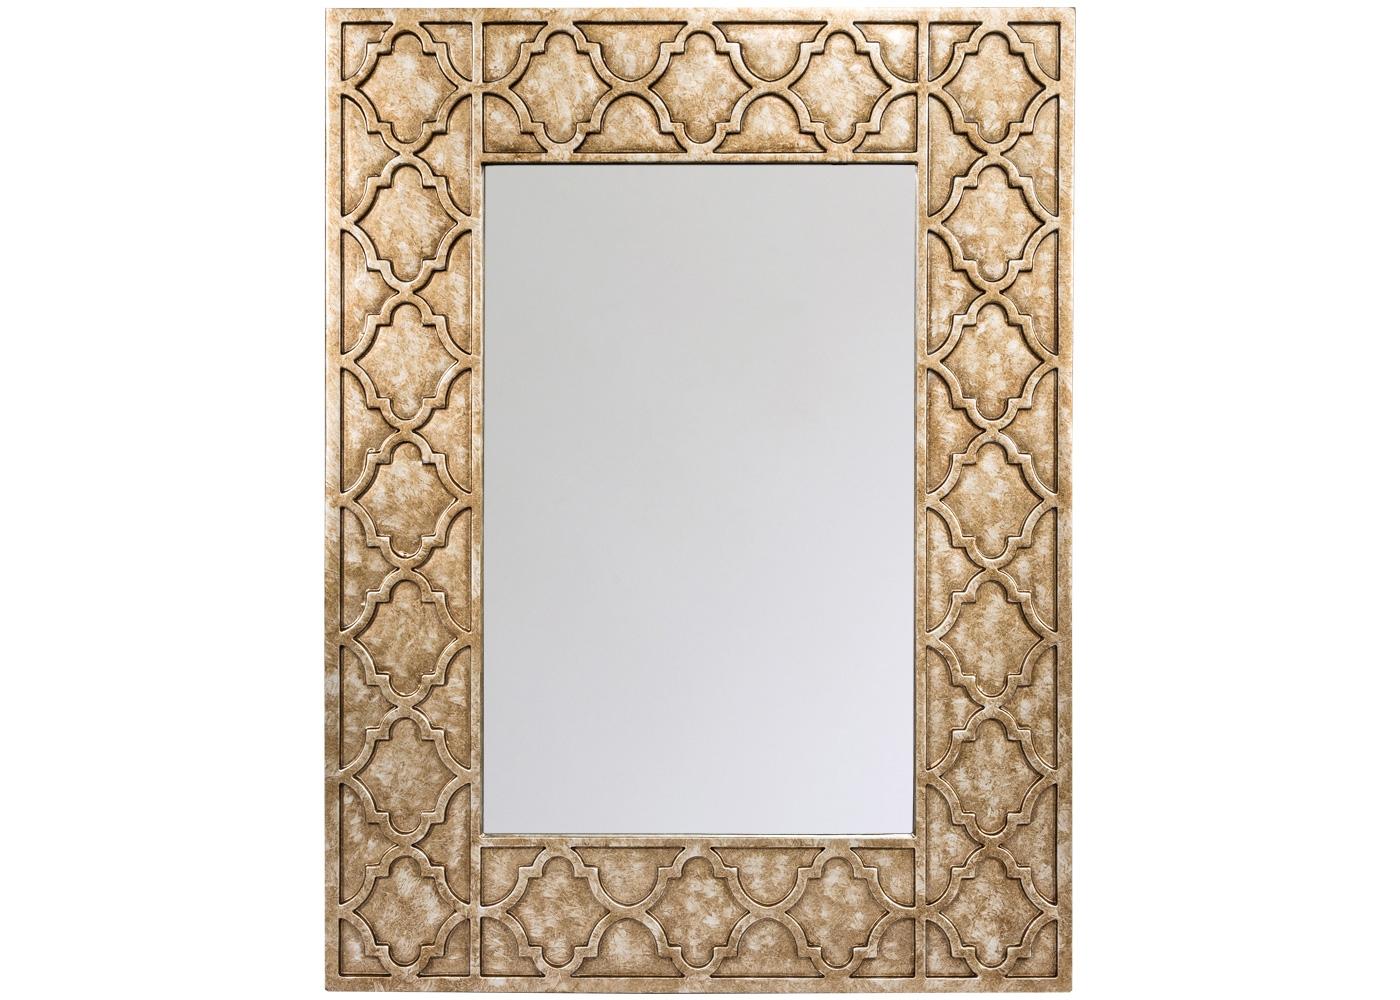 Настенное зеркало «Пальмир»Настенные зеркала<br>Благородство кельтской классики зарекомендовано синонимом высокого вкуса и респектабельности. Этому вторят гармоничный орнамент, сдержанный цвет и деликатная фацетная грань, подчеркнувшая стройность зеркала &amp;quot;Пальмир&amp;quot;. Удобный размер (76 х 101 см) рекомендует это зеркало любому из домашних помещений: гостиной комнате и прихожей, спальне и столовой, холлу и кабинету.<br><br>Material: Полиуретан<br>Ширина см: 76.0<br>Высота см: 101.0<br>Глубина см: 2.0